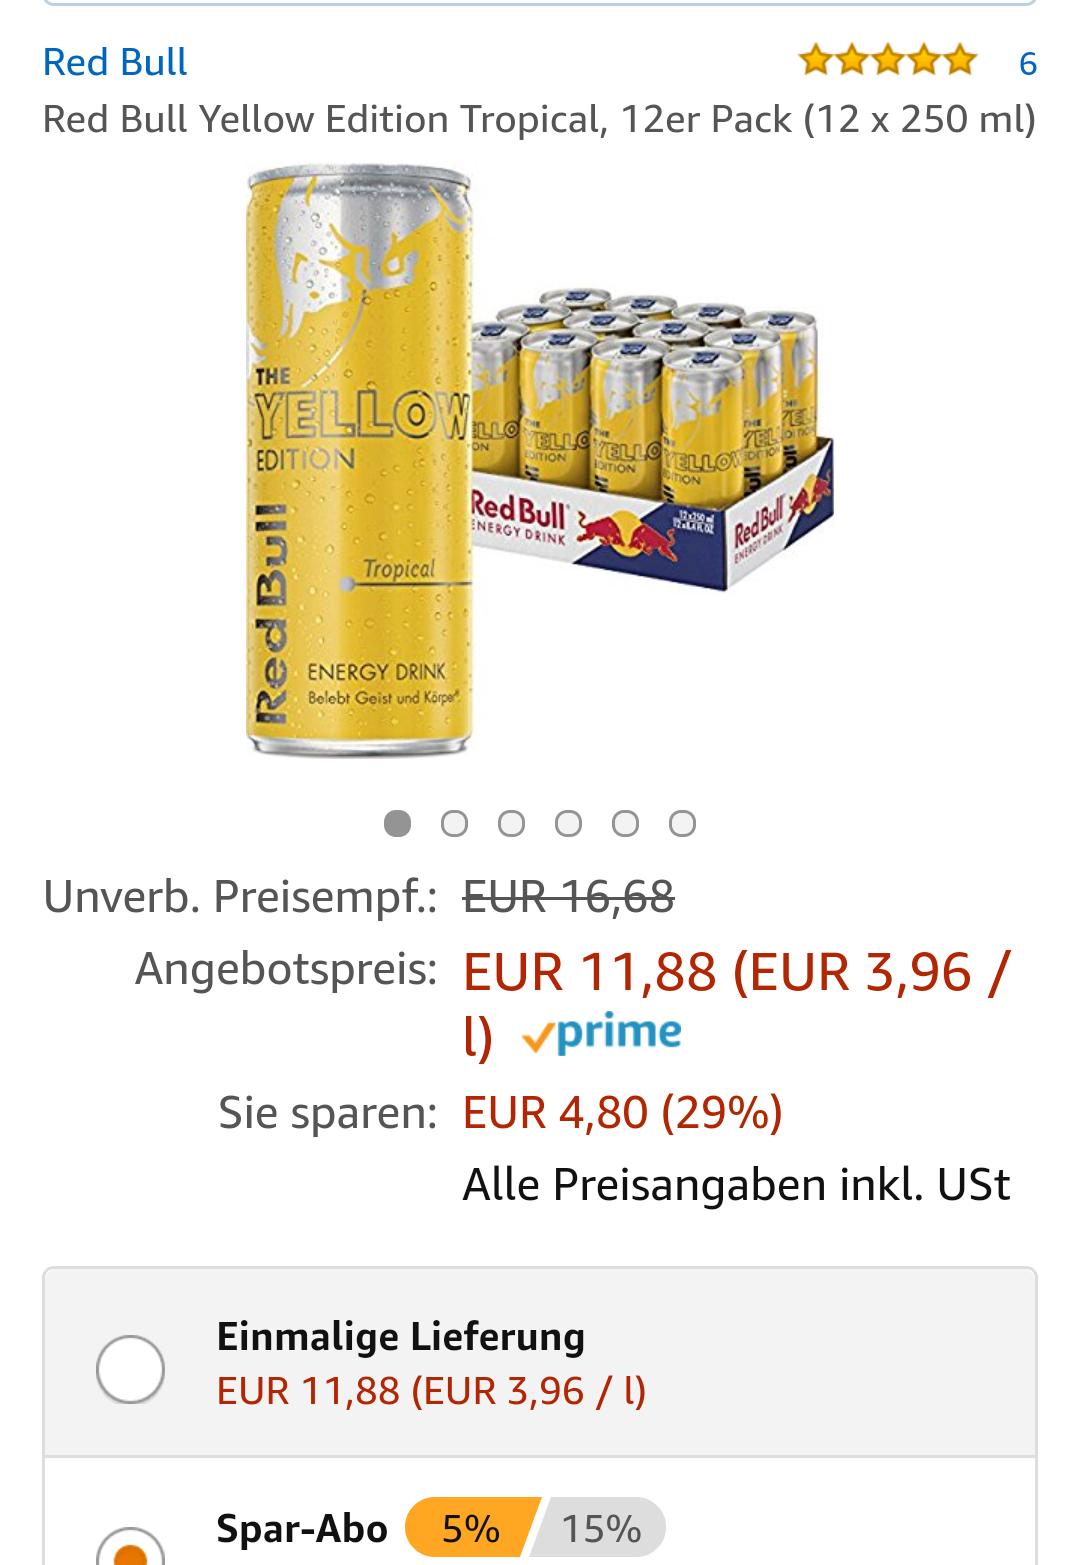 RedBull Tropical 11,29 €